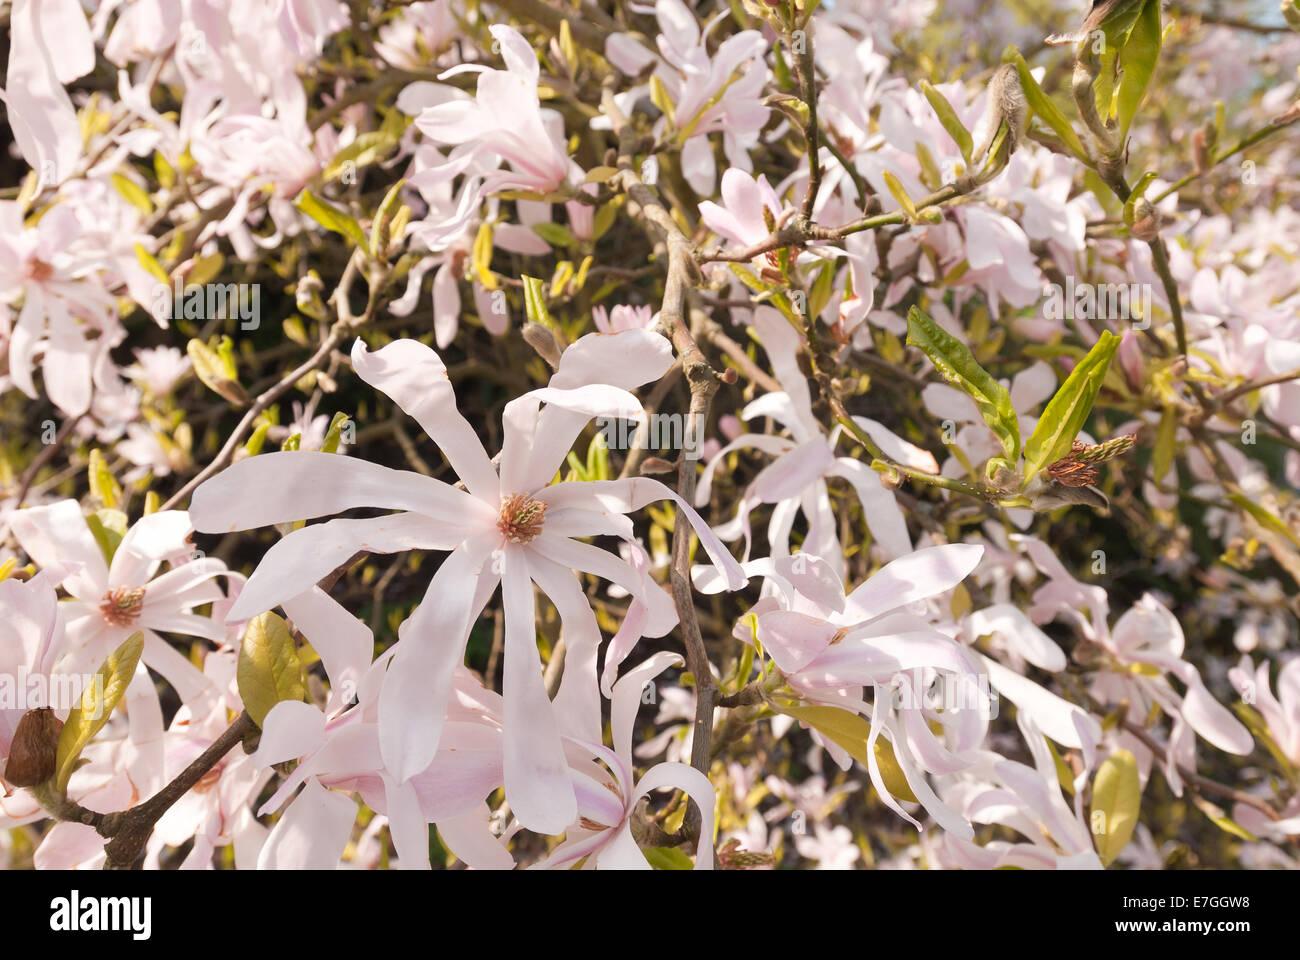 Erste Blumen Fruhling Viele Sanfte Rosa Farbton Magnolie Blume